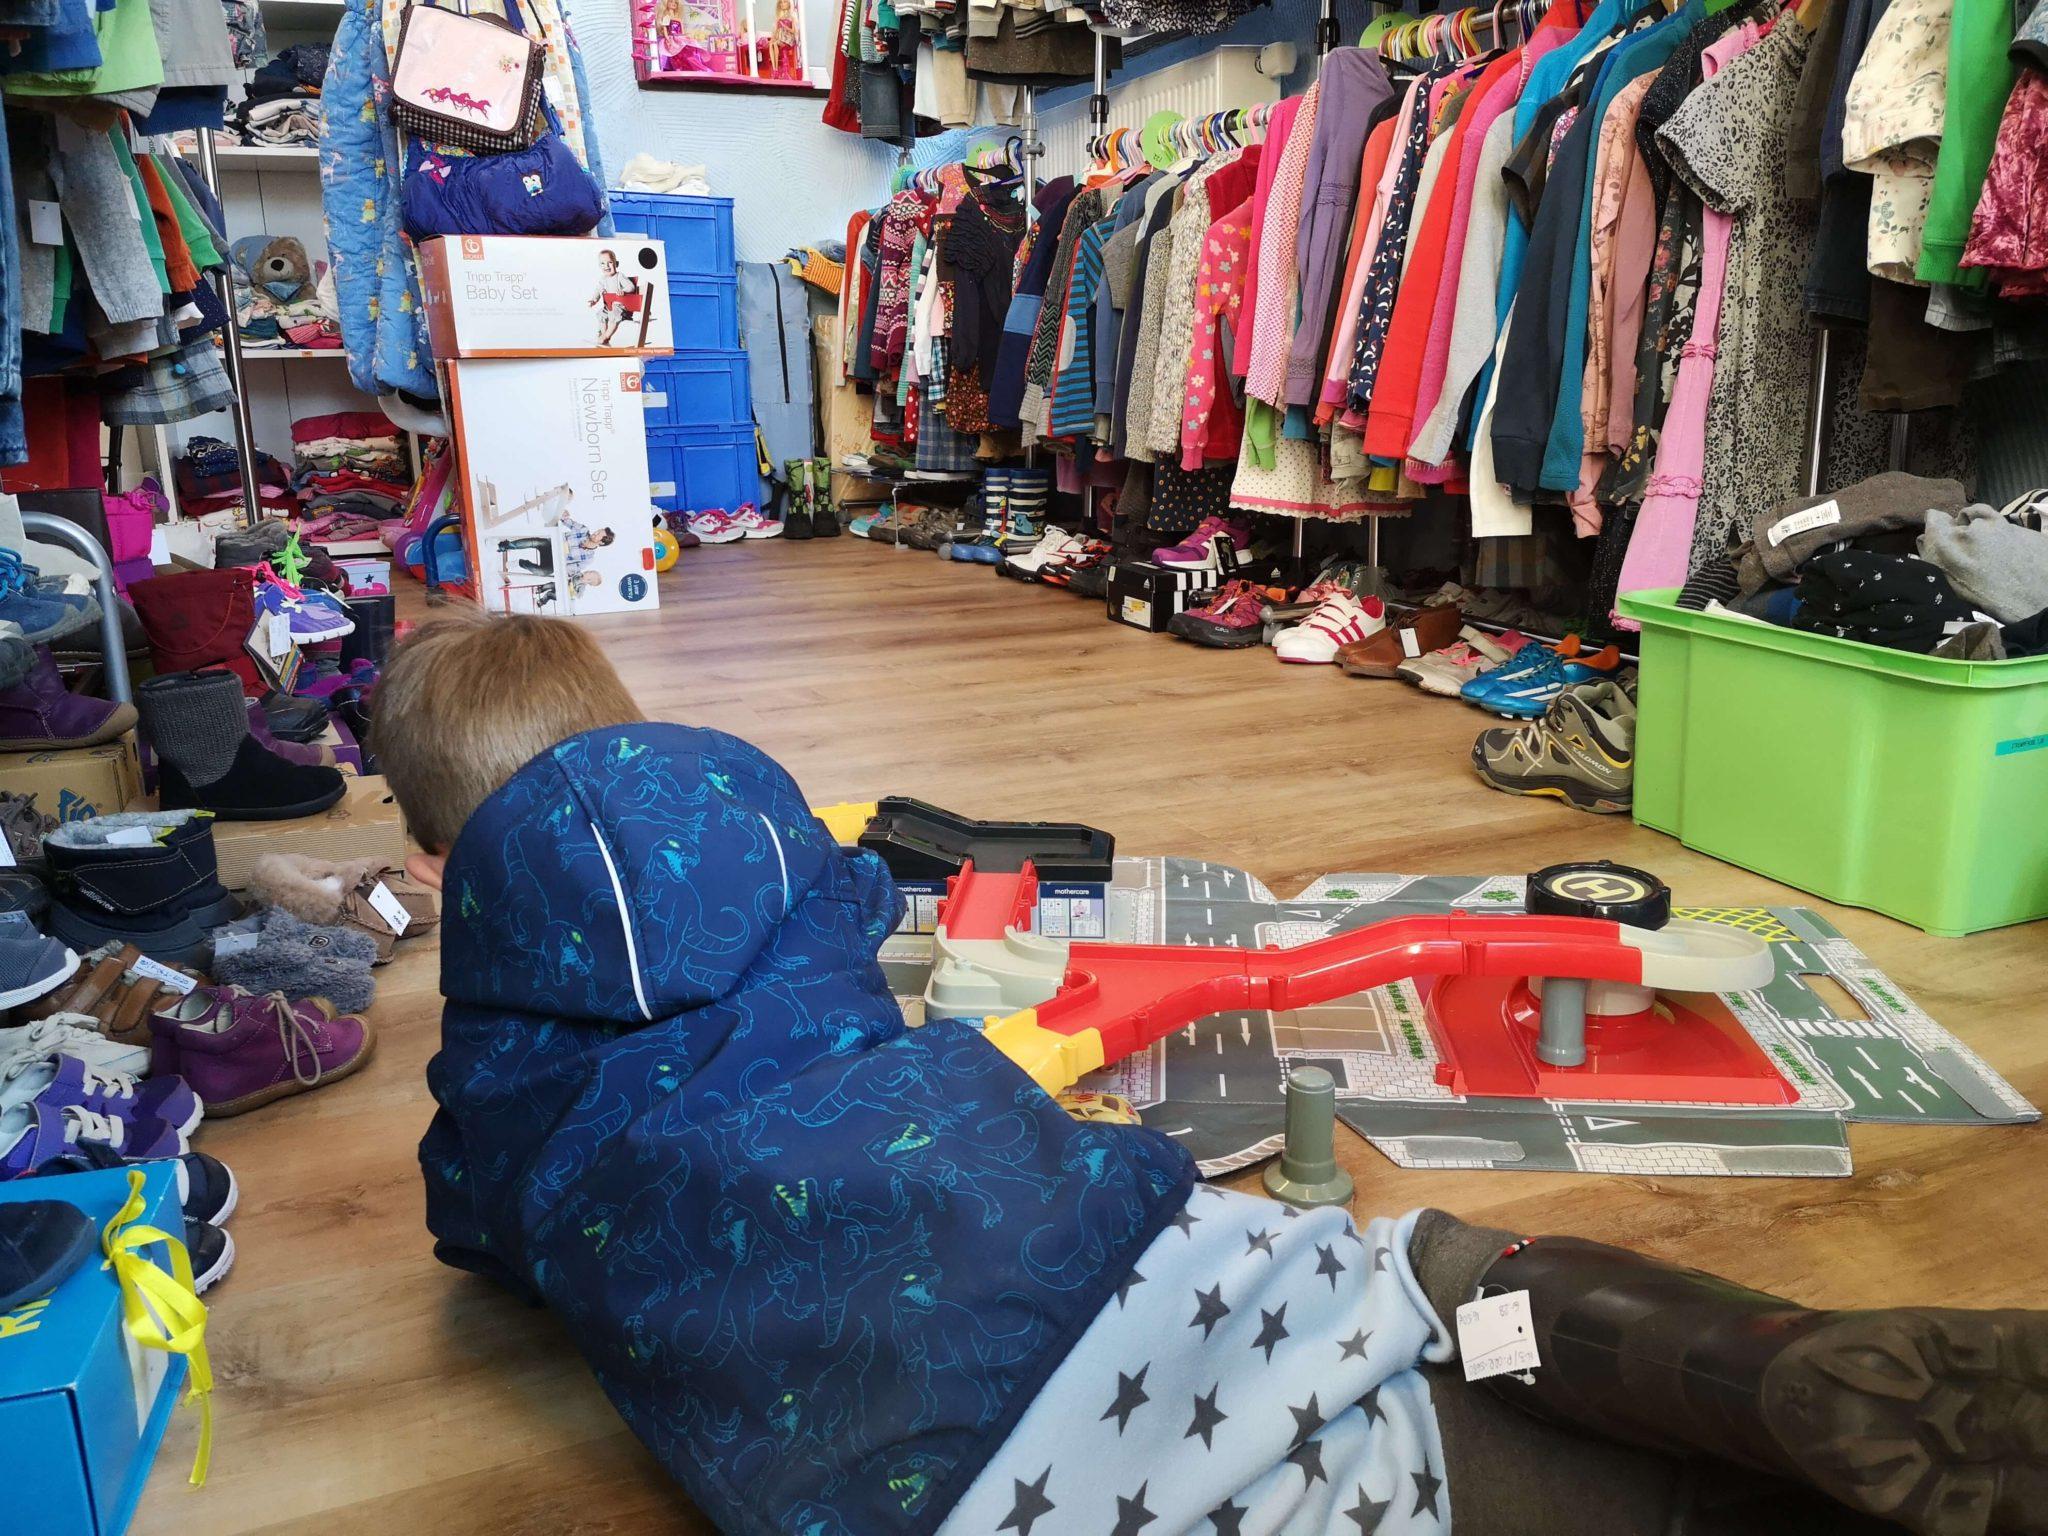 Das Spielzeug wird direkt ausgiebig getestet und an den Stiefeln hängt noch das Etikett Krötenkiste - Frankfurt mit Kids